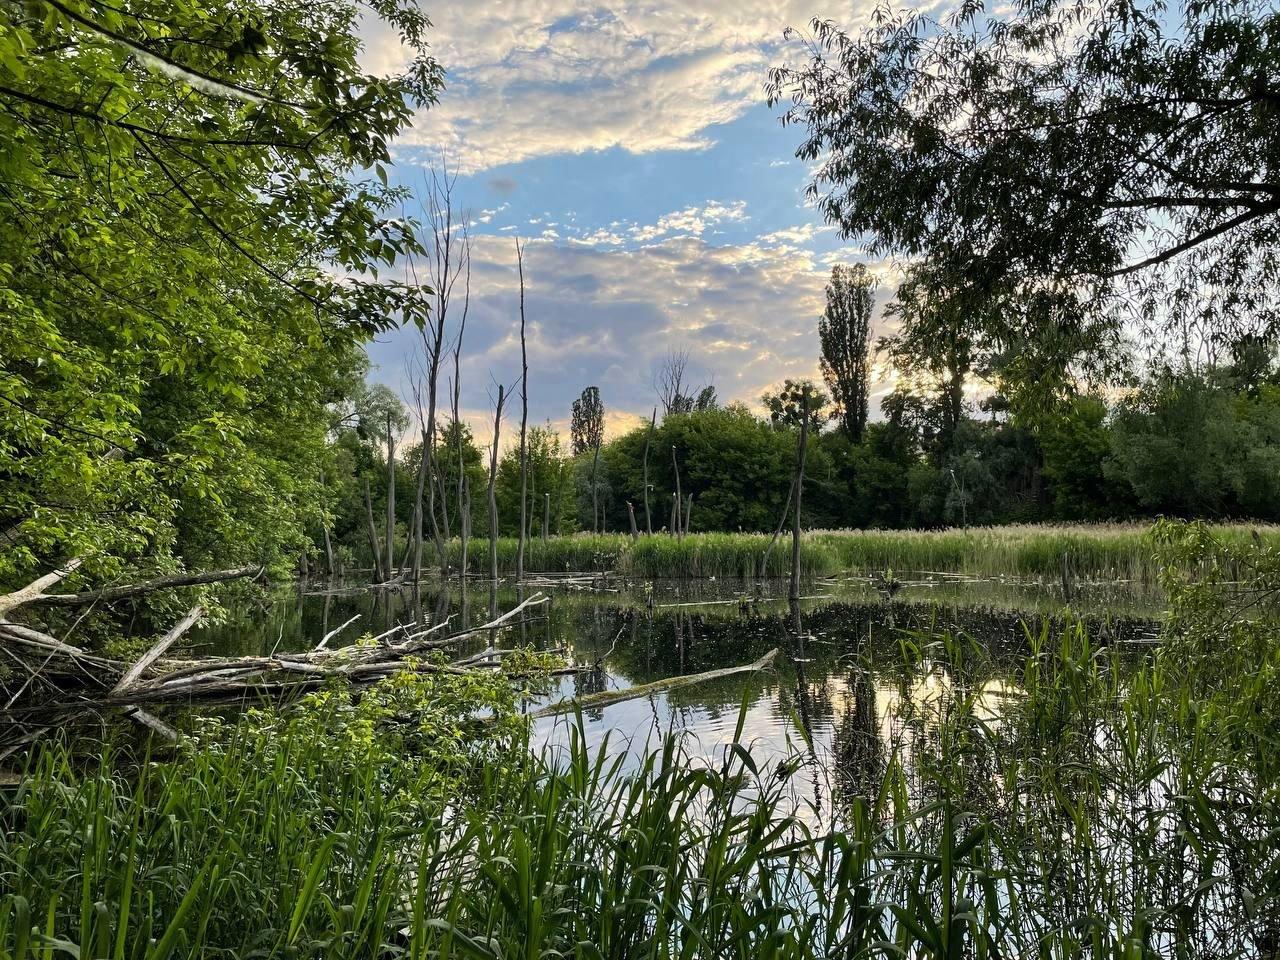 Совські ставки. Фото з презентації, яку створили місцеві жителі, щоб представити своє бачення розвитку цієї території